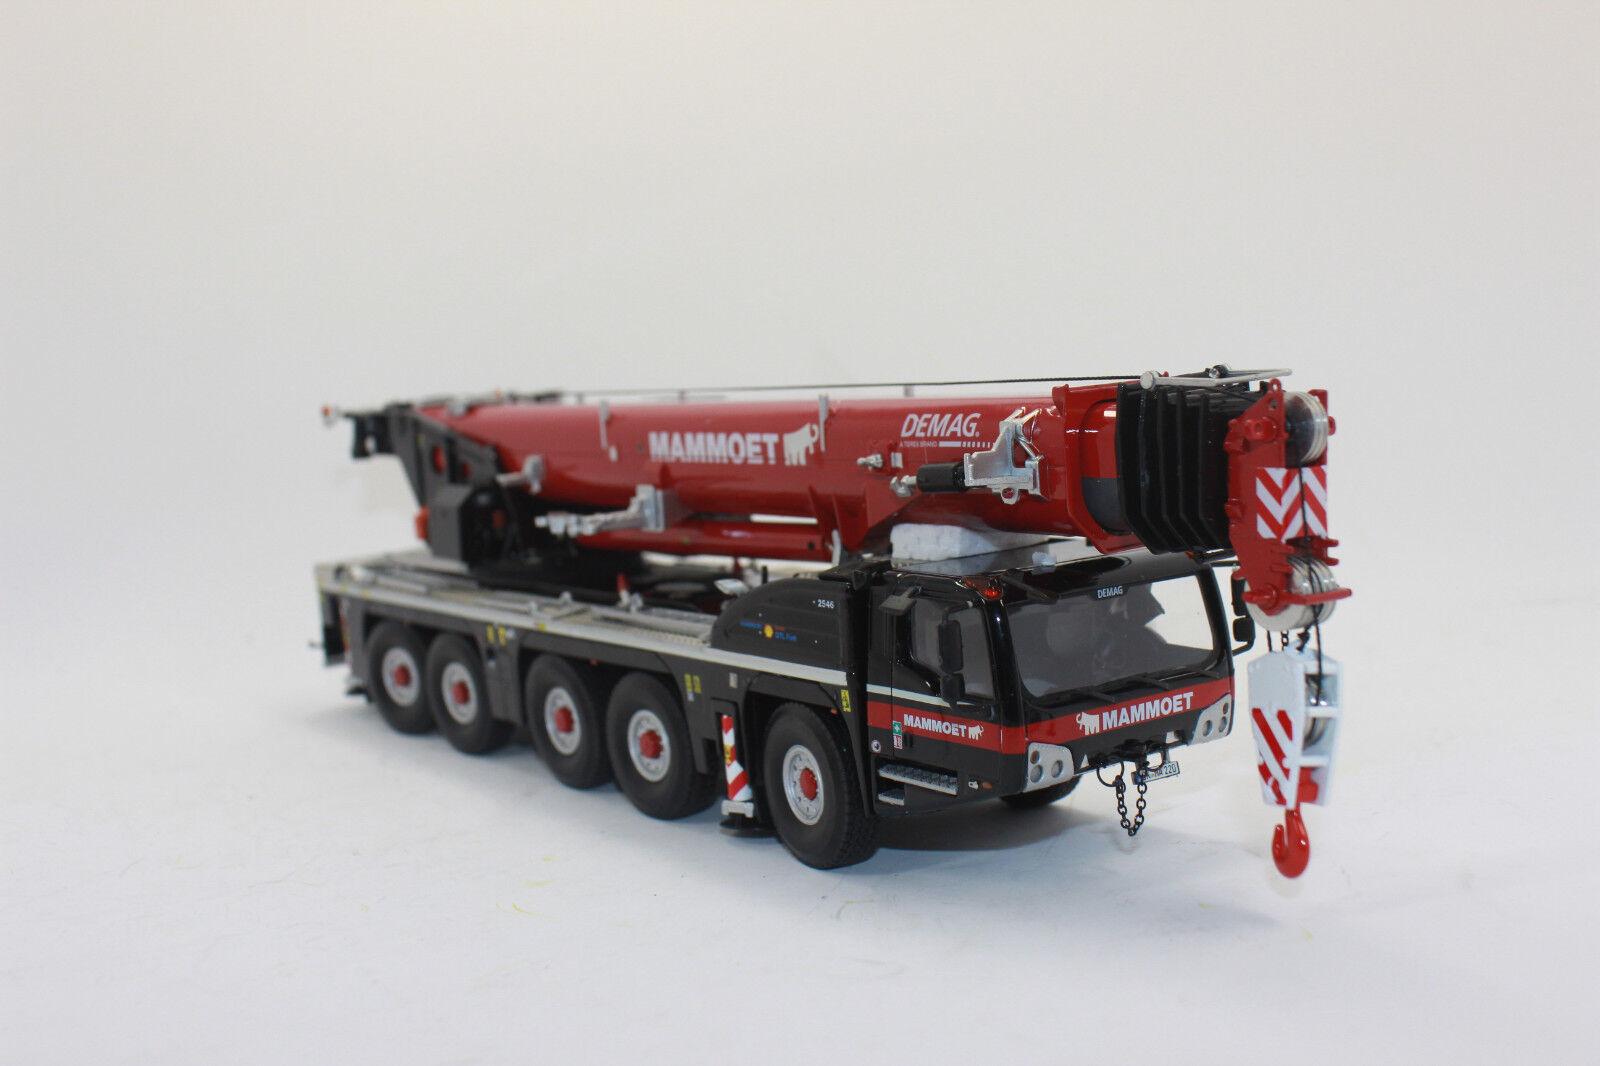 IMC IMC IMC 410209 Demag AC250 5 Grue mobile Mammoet 1:50 NOUVEAU en emballage d'origine   Réduction  9e2e91